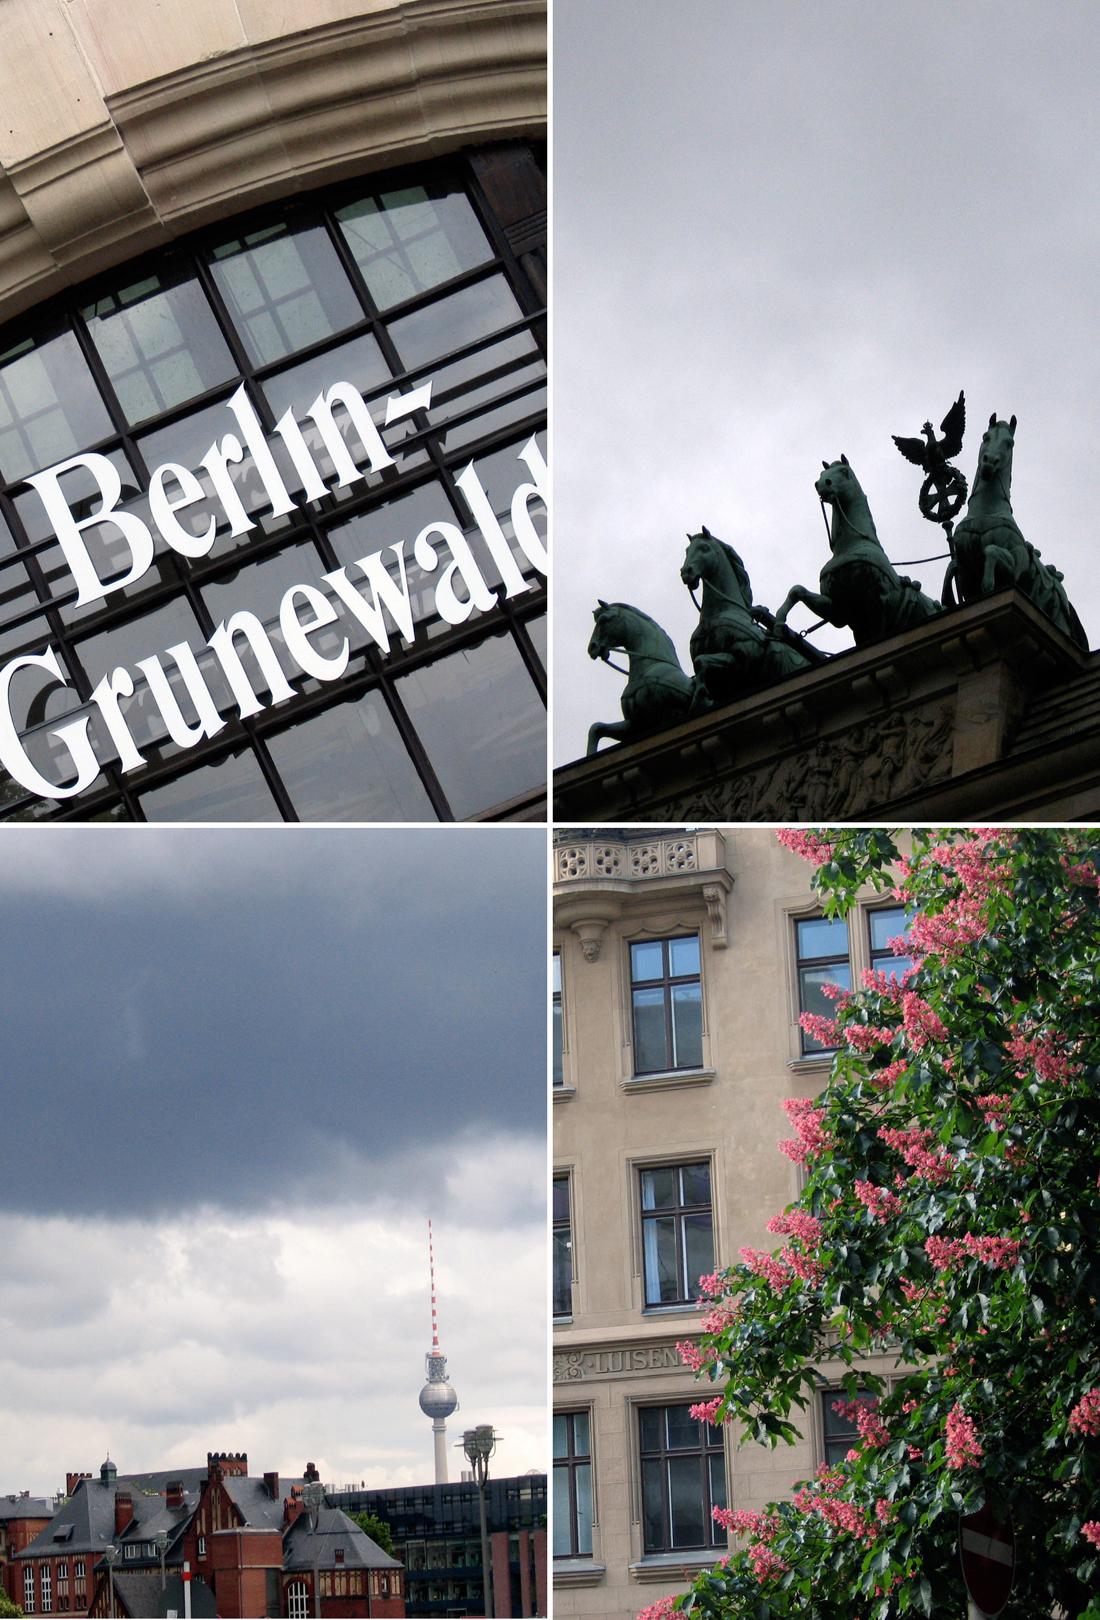 Berlim // Berlin 2007